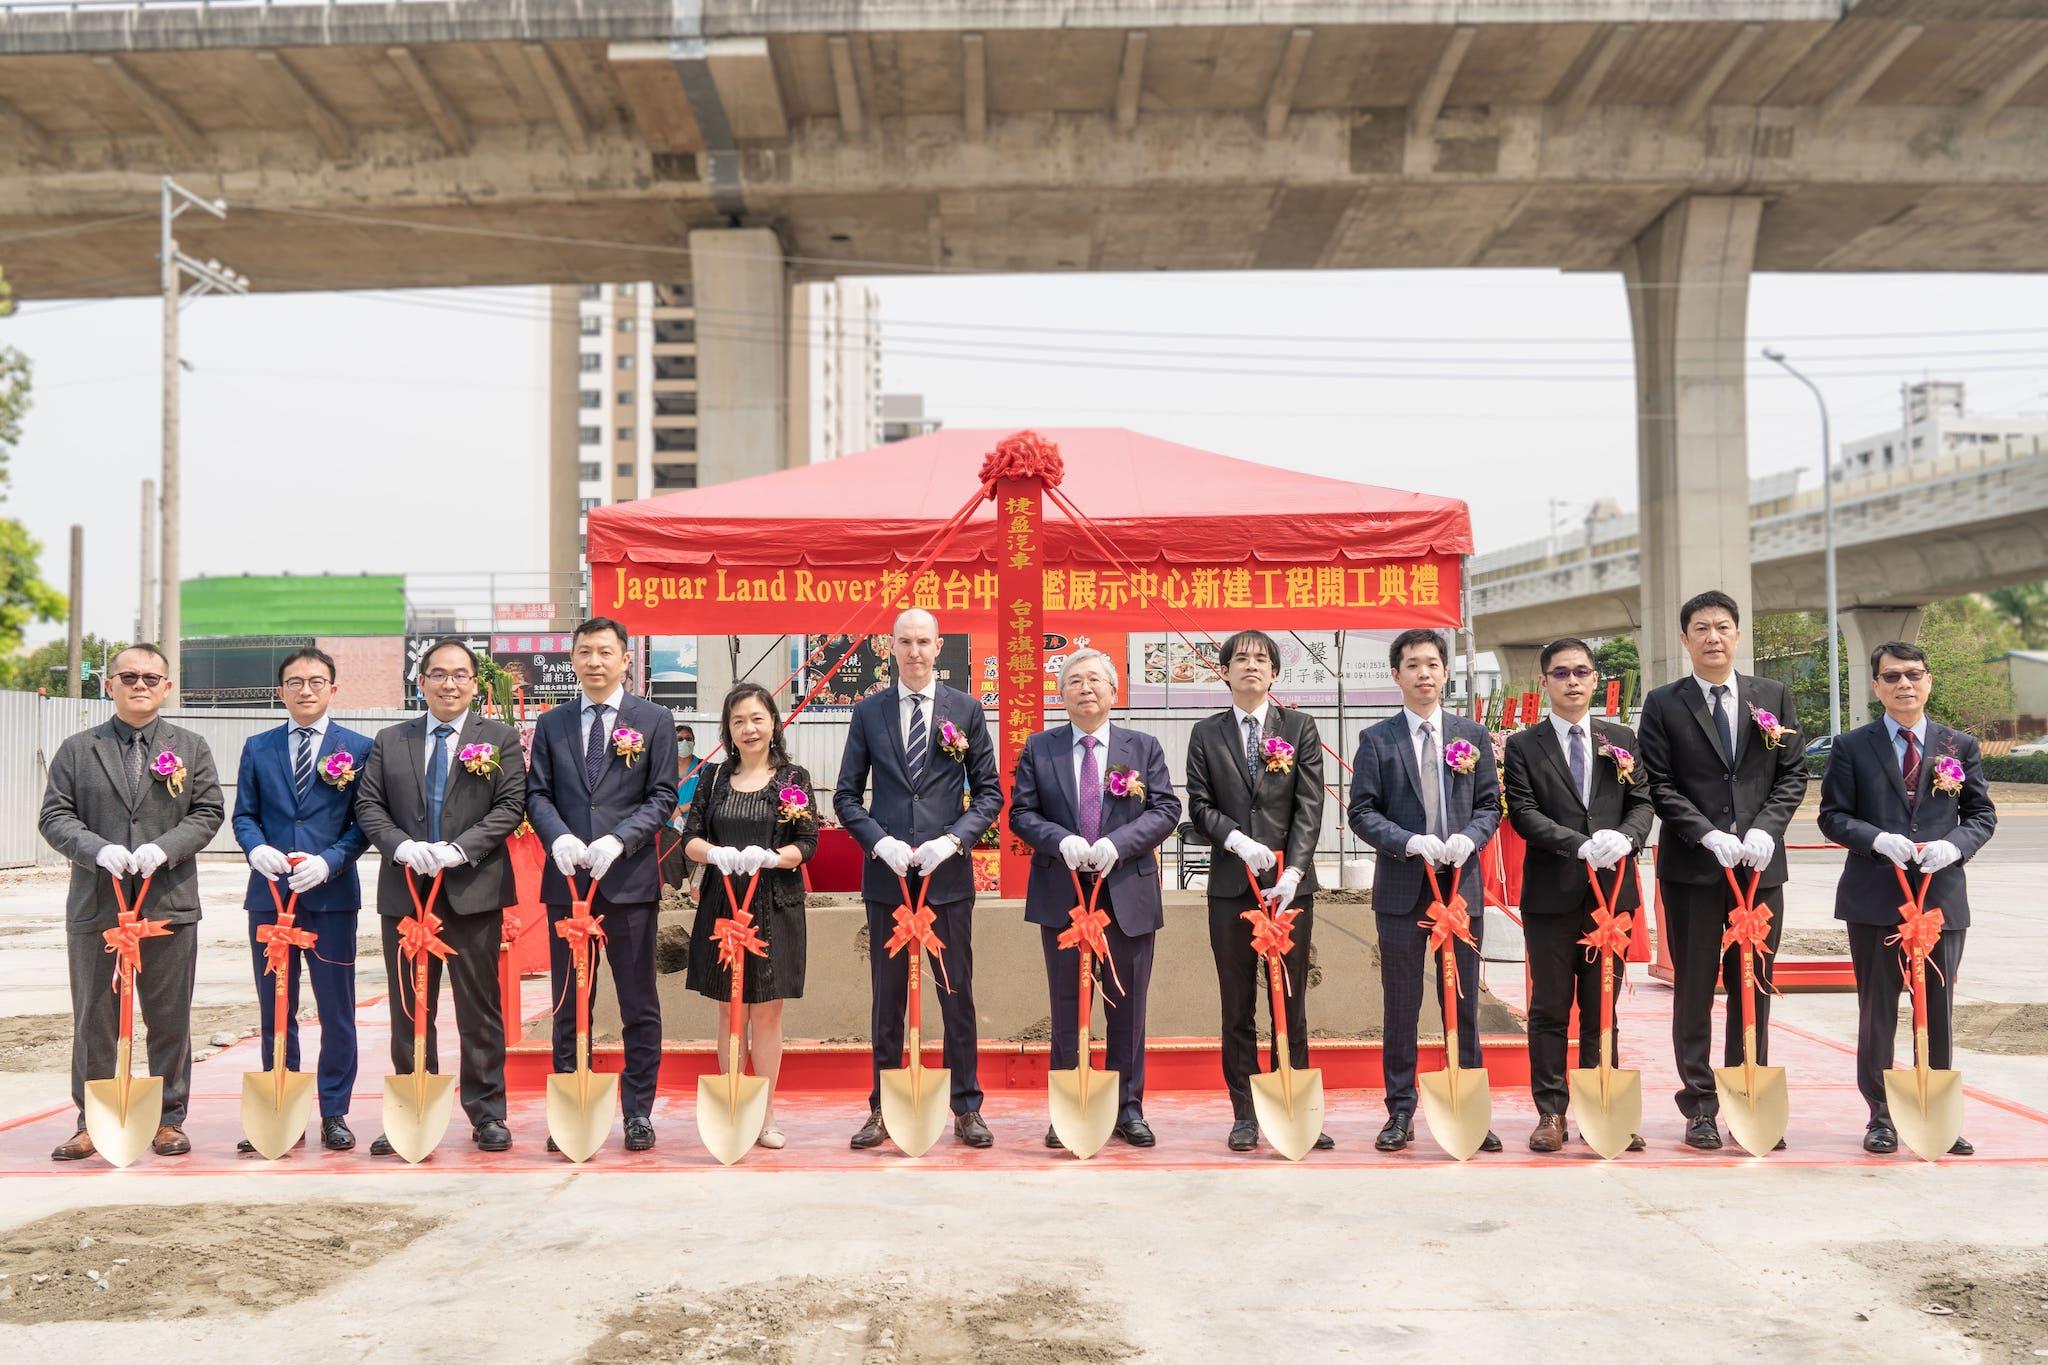 動土典禮由台灣捷豹路虎總經理唐博謙先生(左六)與捷盈汽車董事長王中和先生(左七)共同主持。